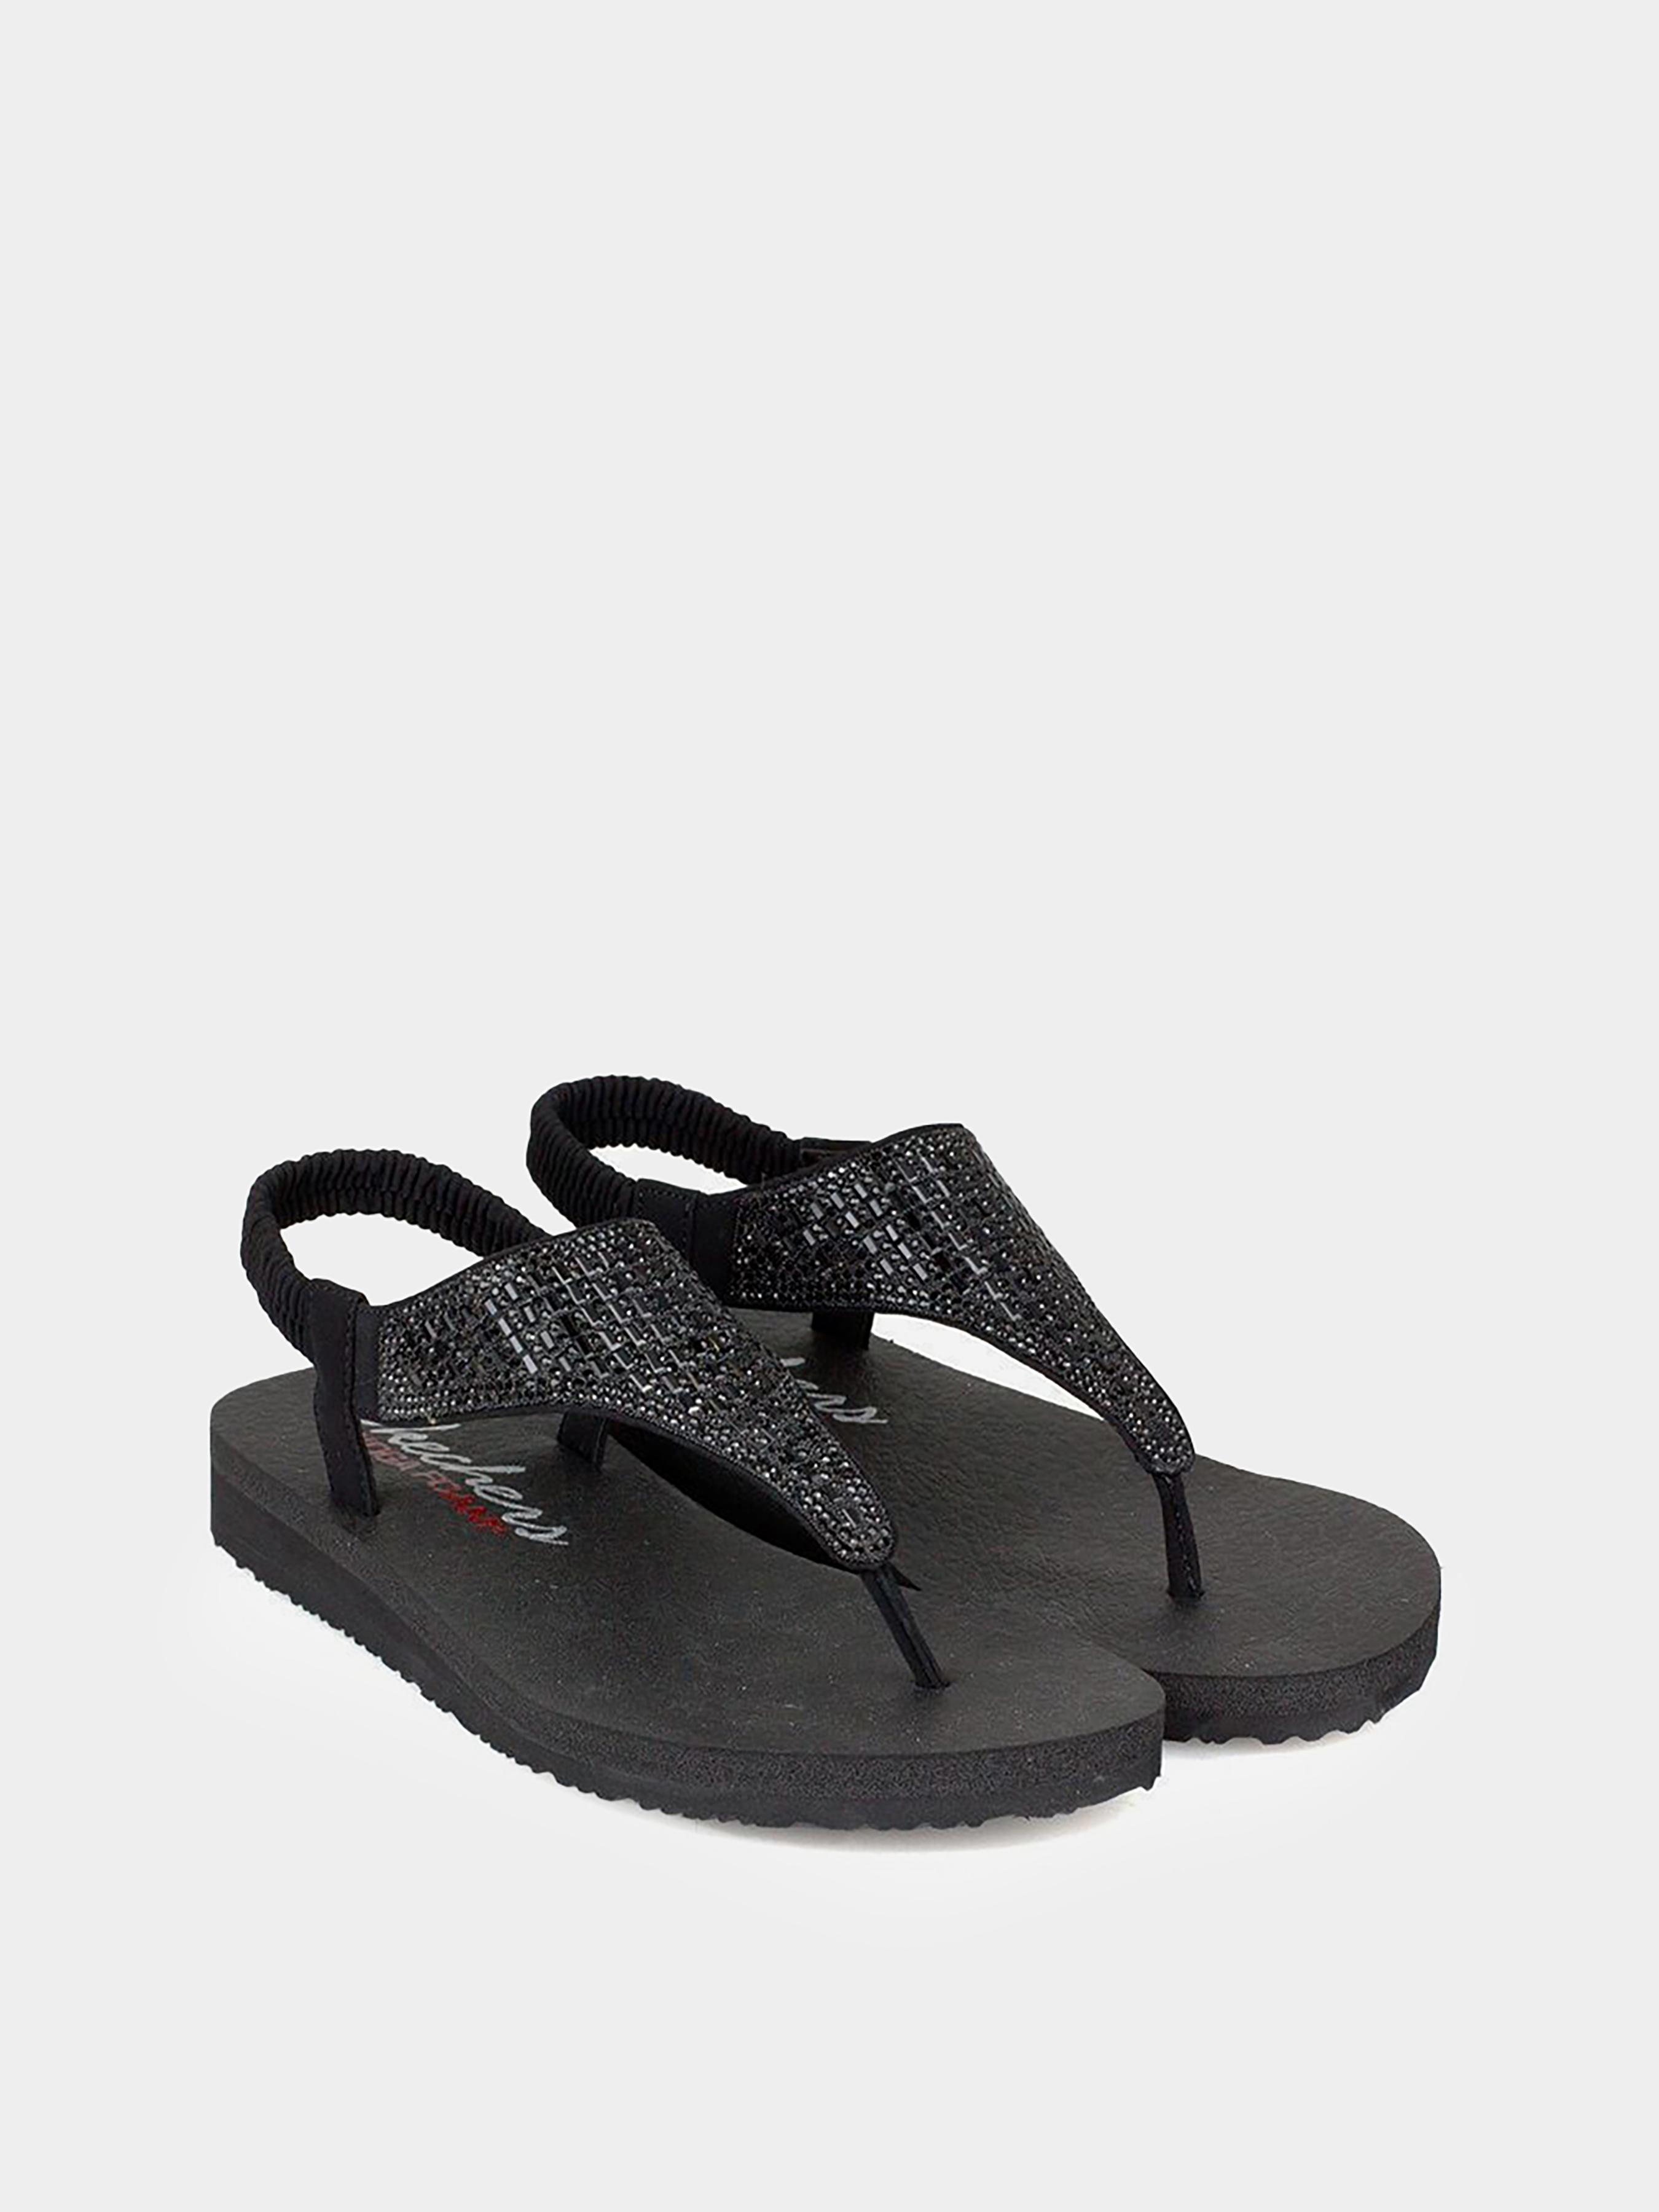 Сандалии женские Skechers CALI KW4426 модная обувь, 2017